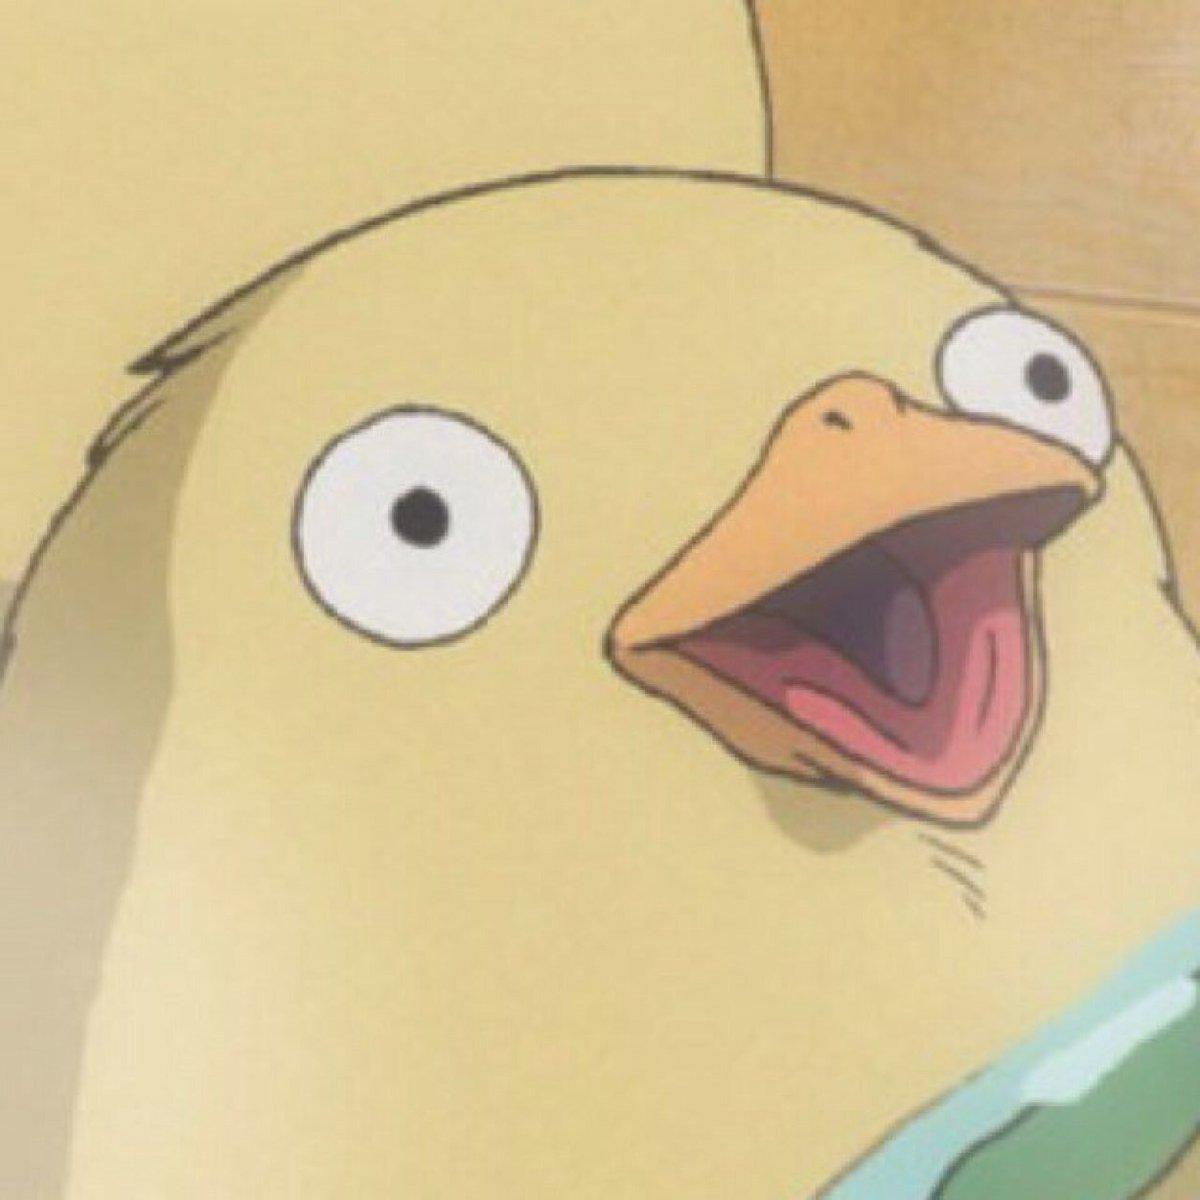 『千と千尋の神隠し』の中で「オオトリ様」が一番好きなんだなぁ… 「卵のまま生まれてこられなかったひよ…